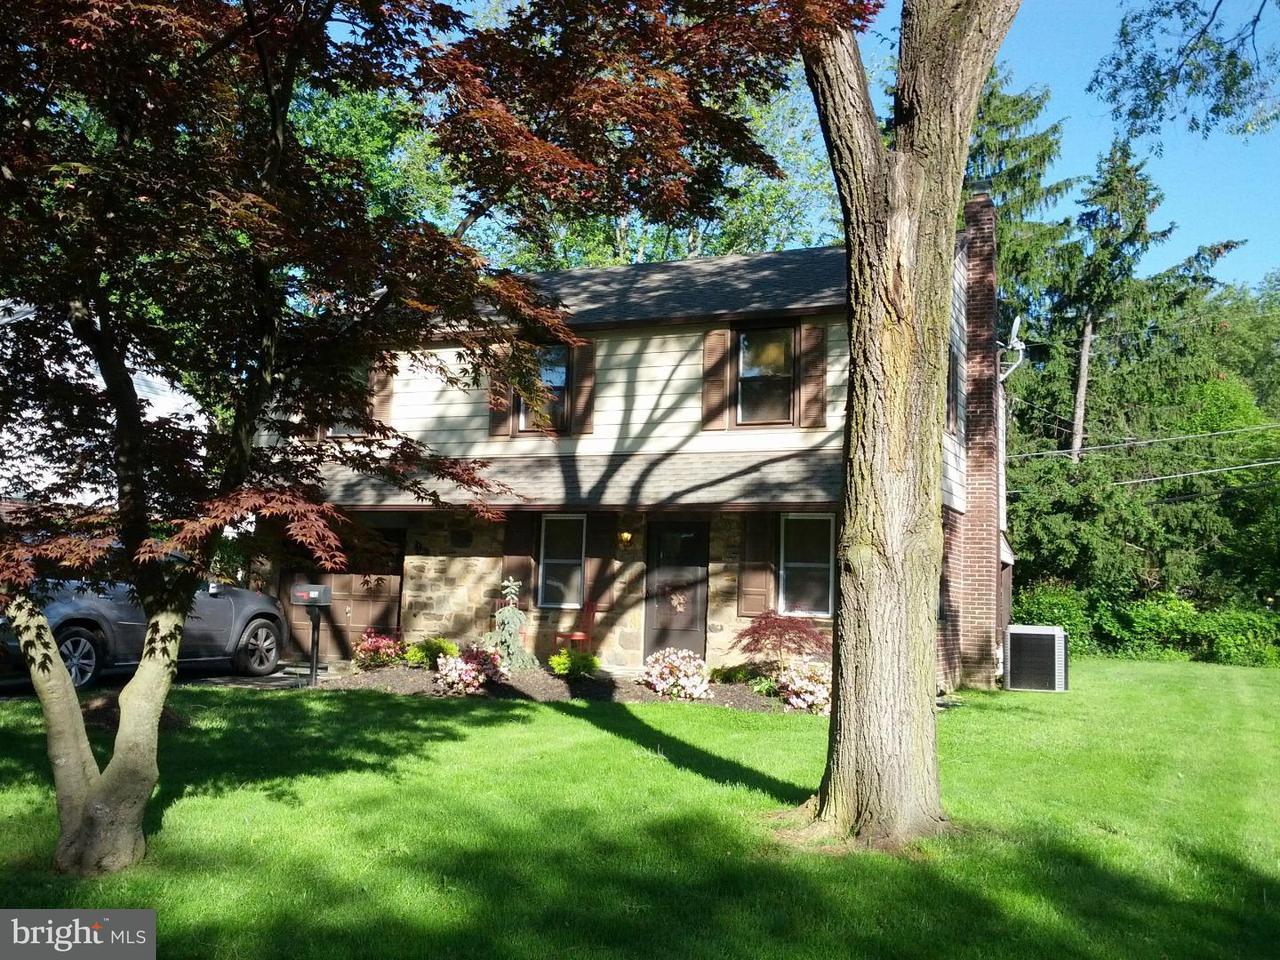 Частный односемейный дом для того Аренда на 141 GARDEN Road Oreland, Пенсильвания 19075 Соединенные Штаты